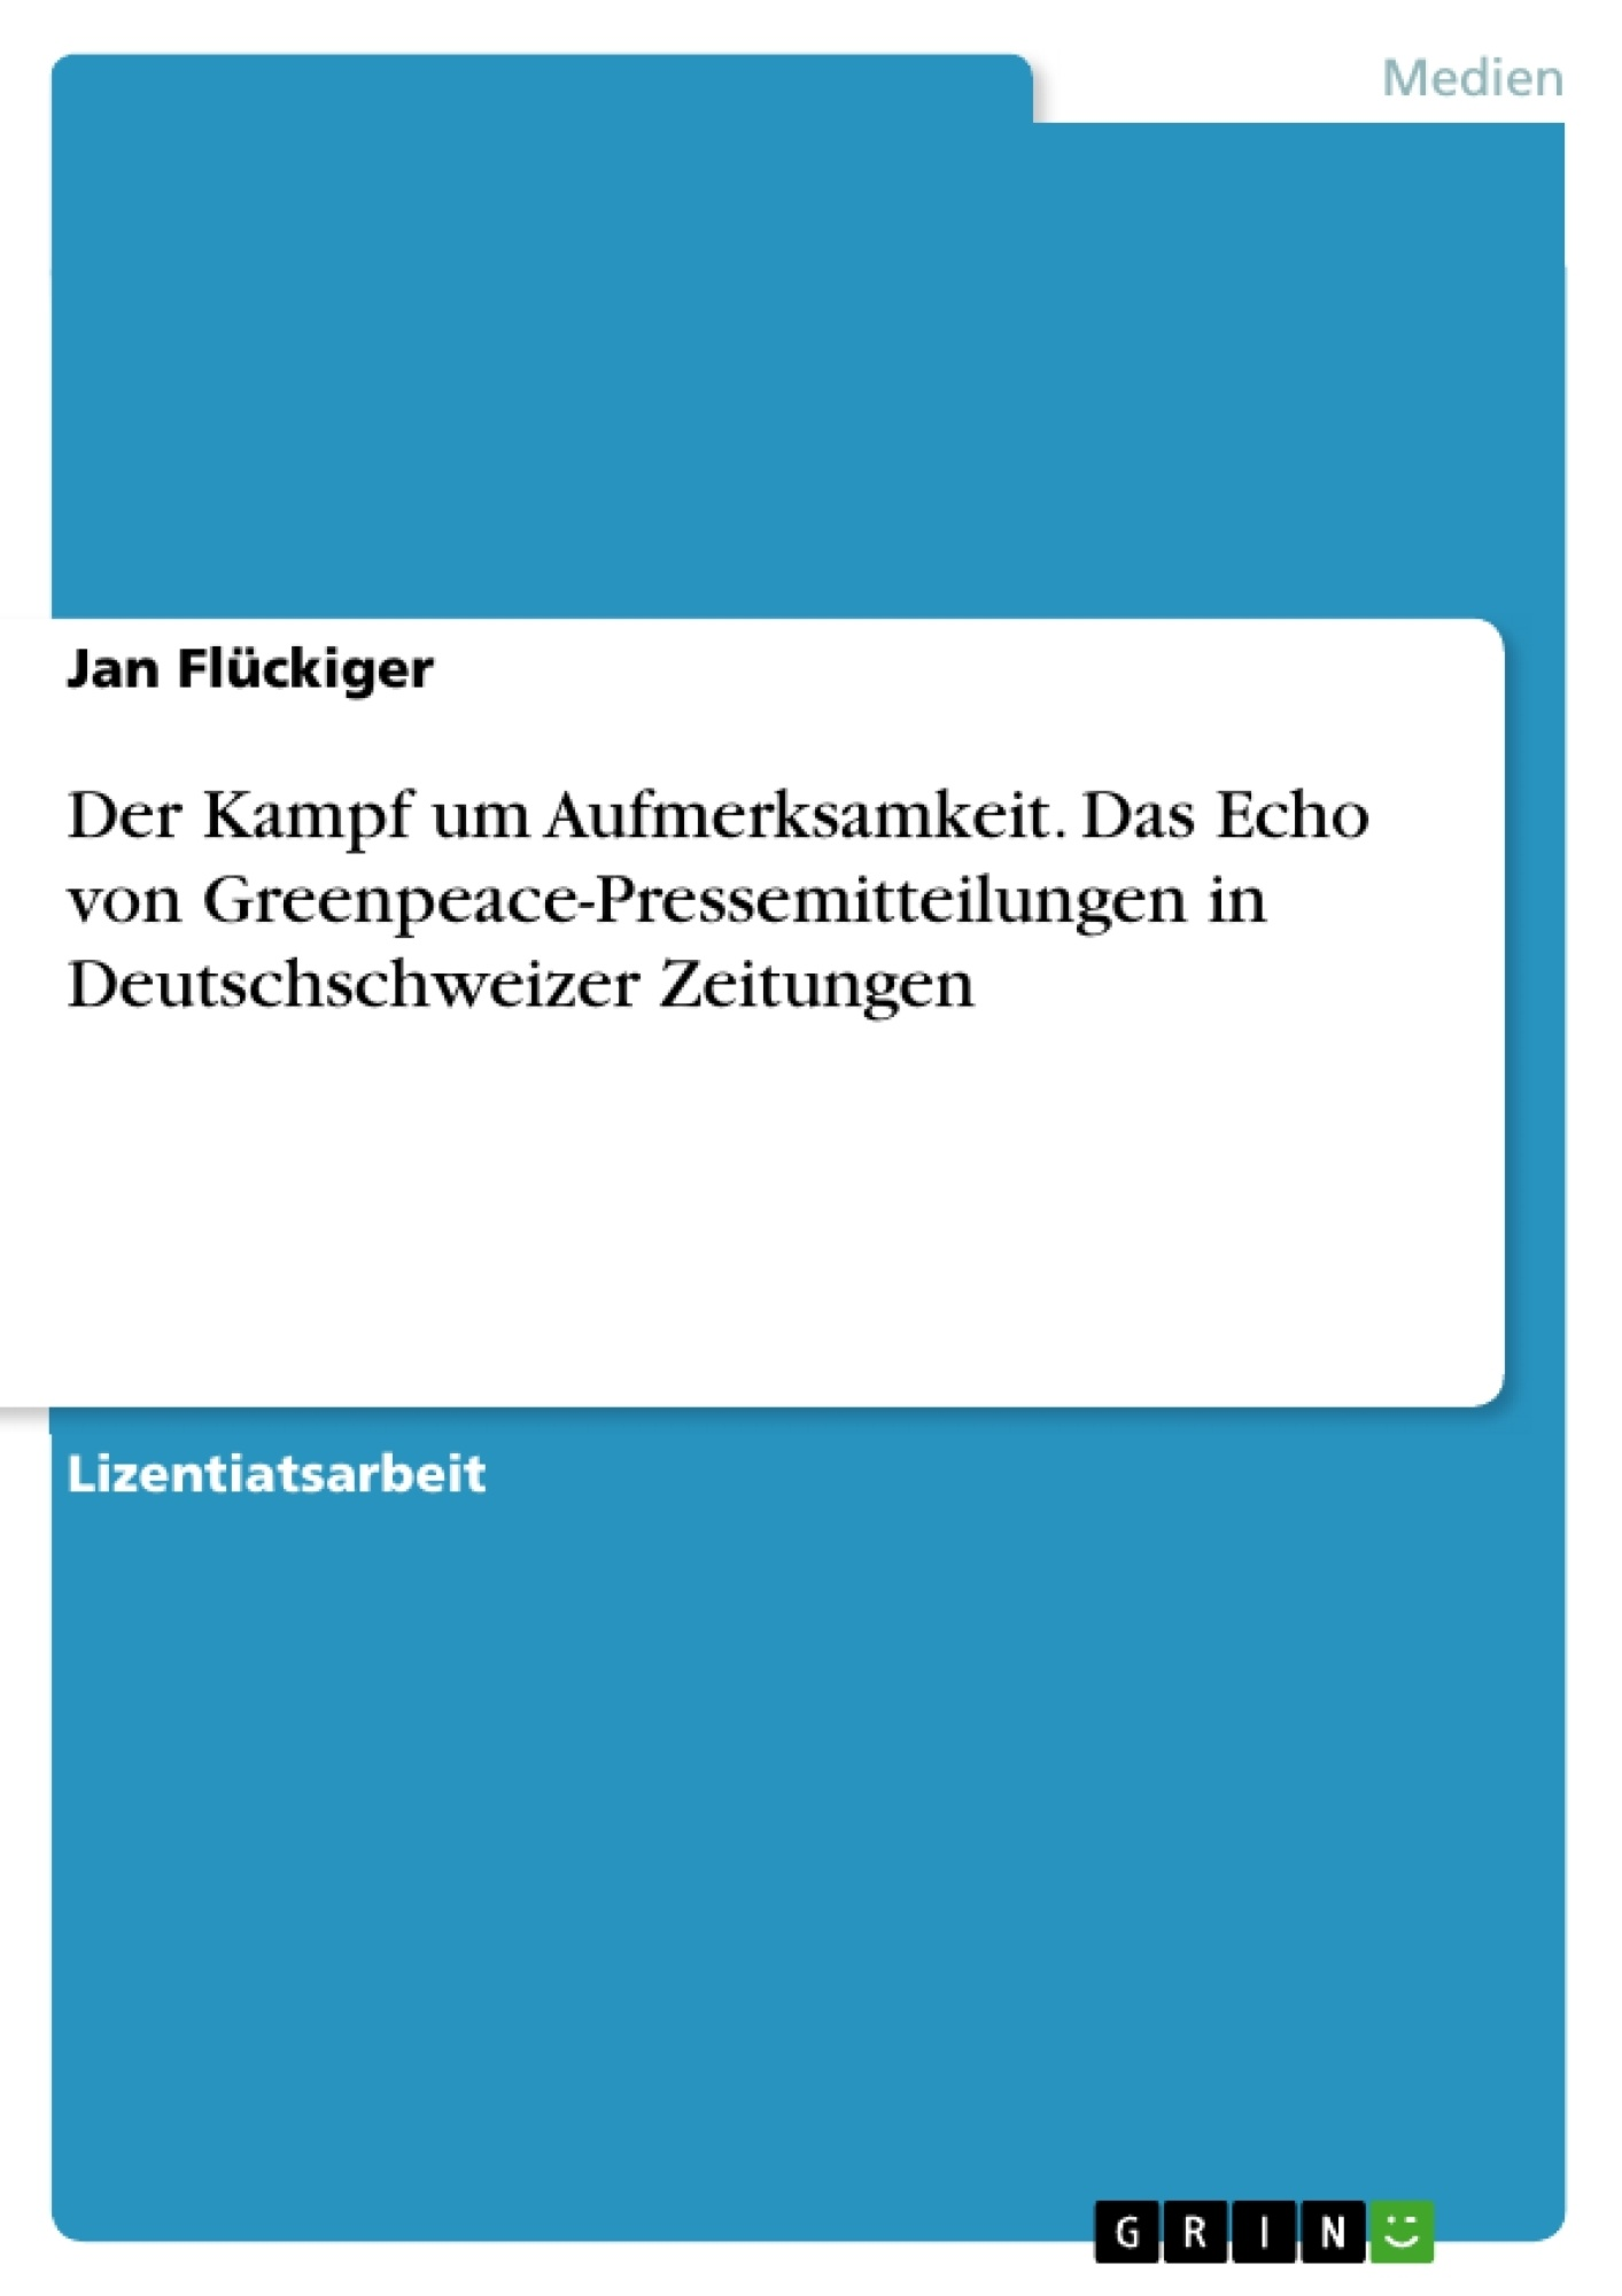 Titel: Der Kampf um Aufmerksamkeit. Das Echo von Greenpeace-Pressemitteilungen in Deutschschweizer Zeitungen